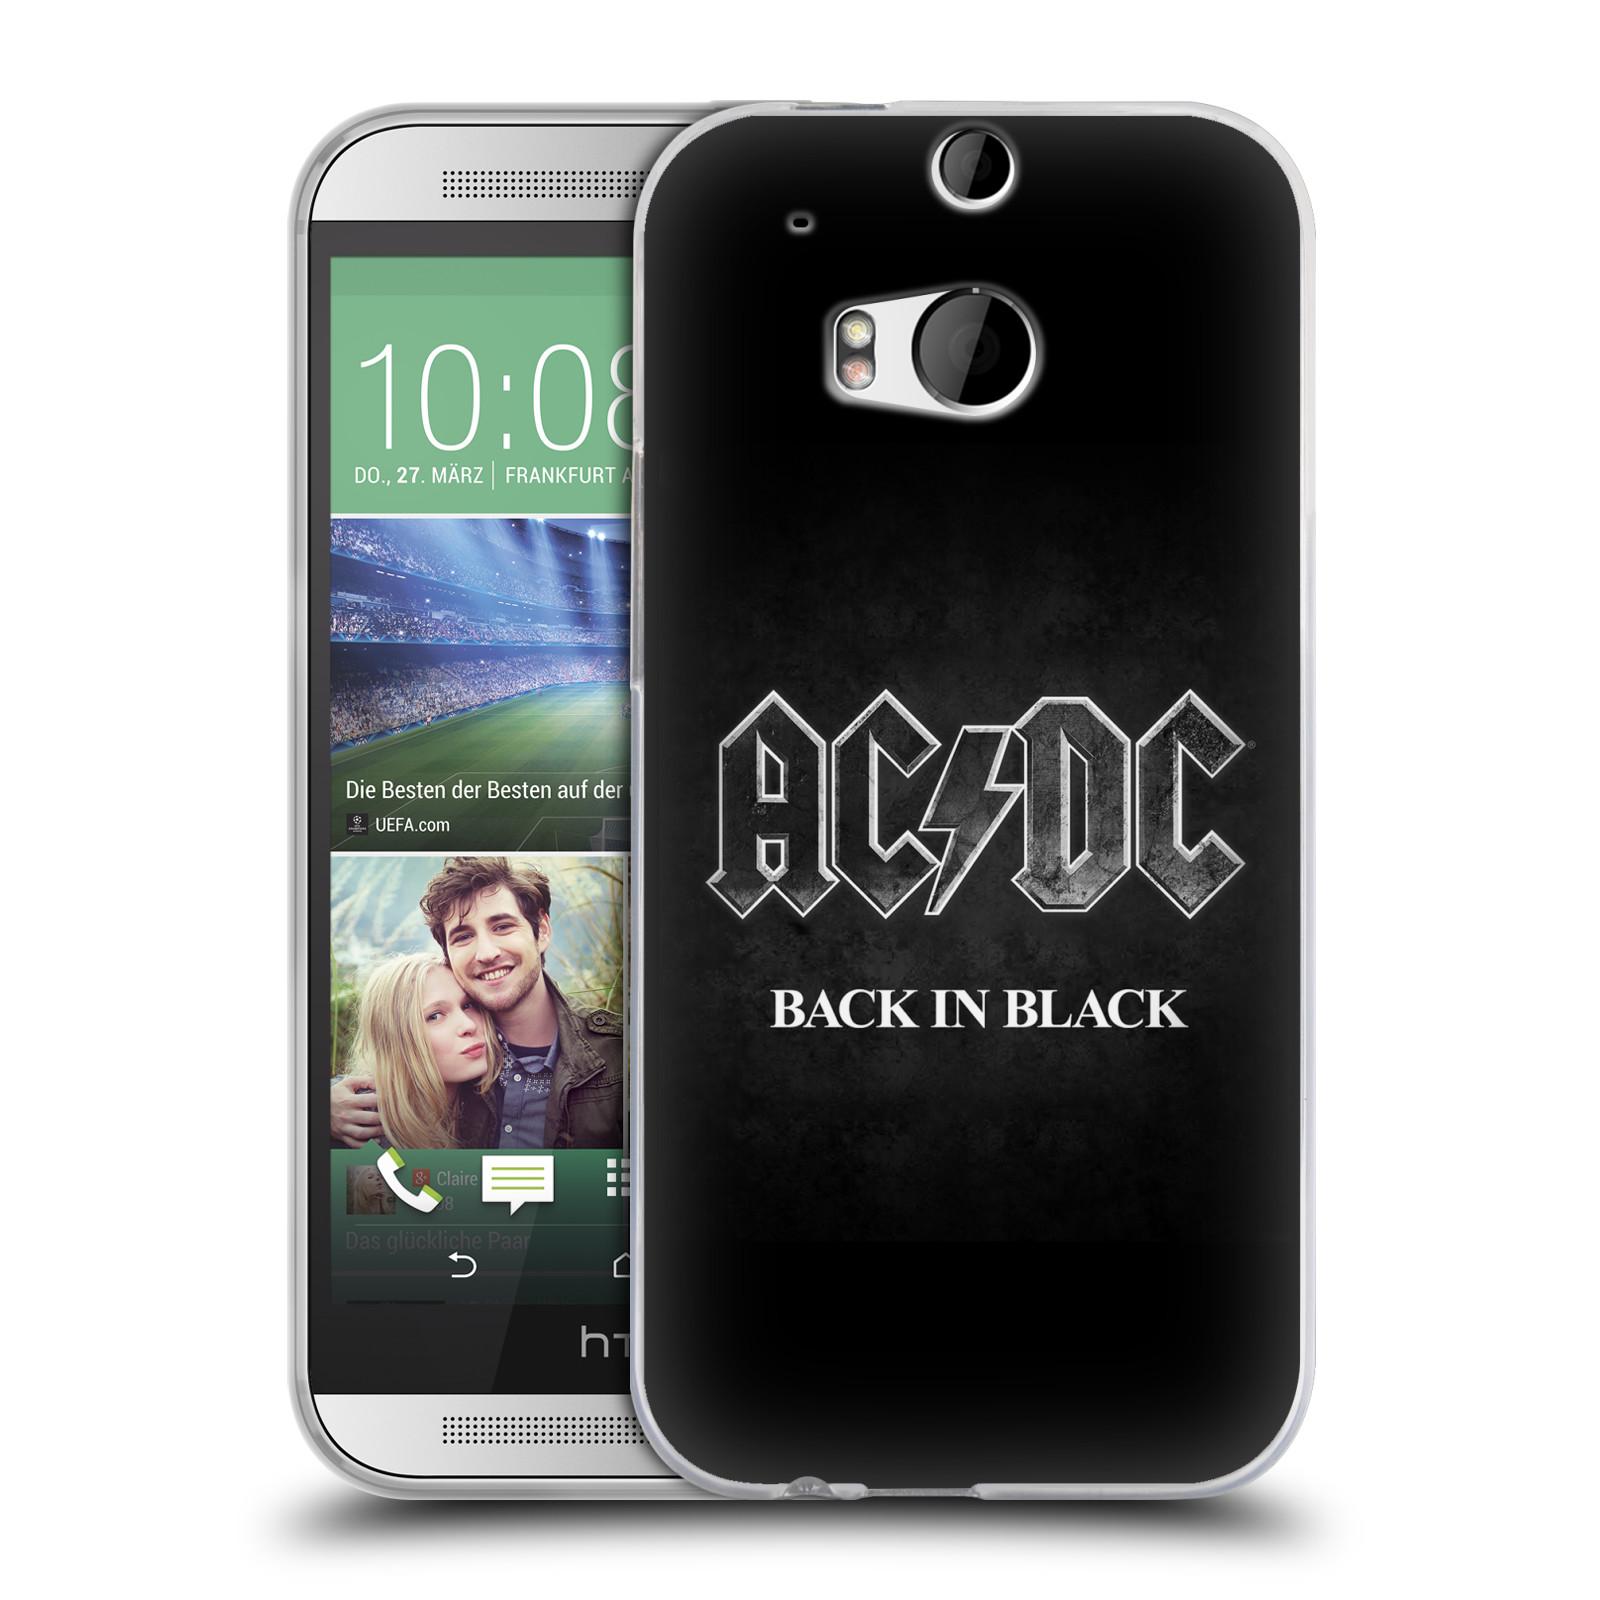 Silikonové pouzdro na mobil HTC ONE M8 HEAD CASE AC/DC BACK IN BLACK (Silikonový kryt či obal na mobilní telefon s oficiálním motivem australské skupiny AC/DC pro HTC ONE M8)